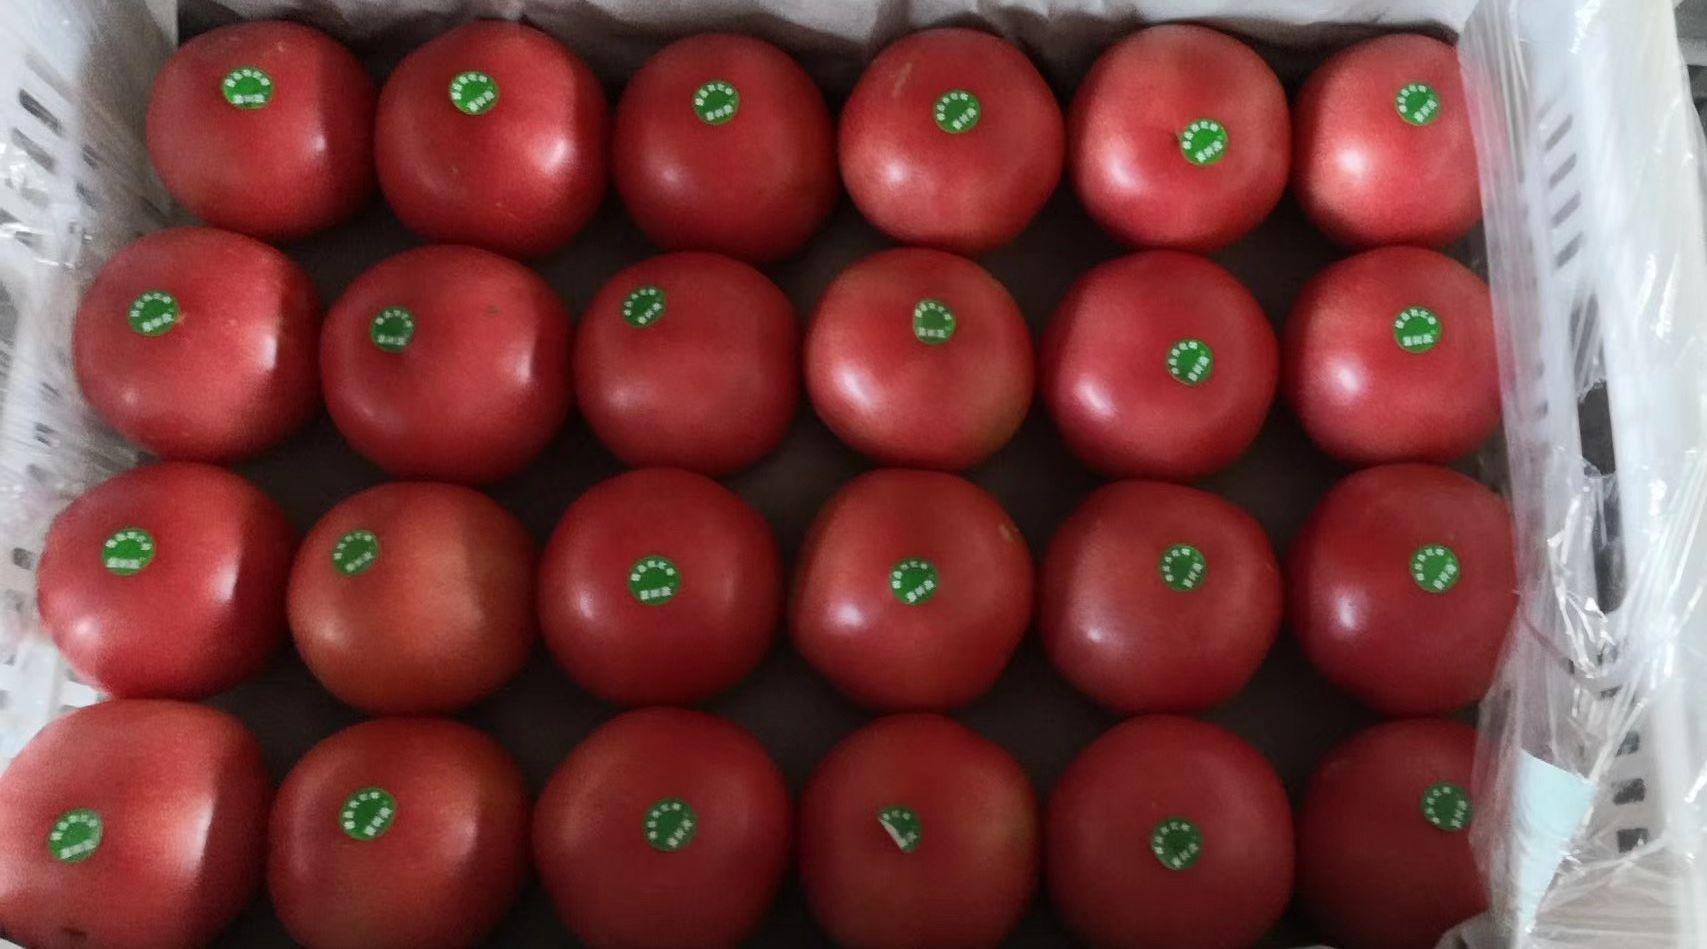 <b>西红柿价格持续走低 预计近期仍在低位徘徊</b>